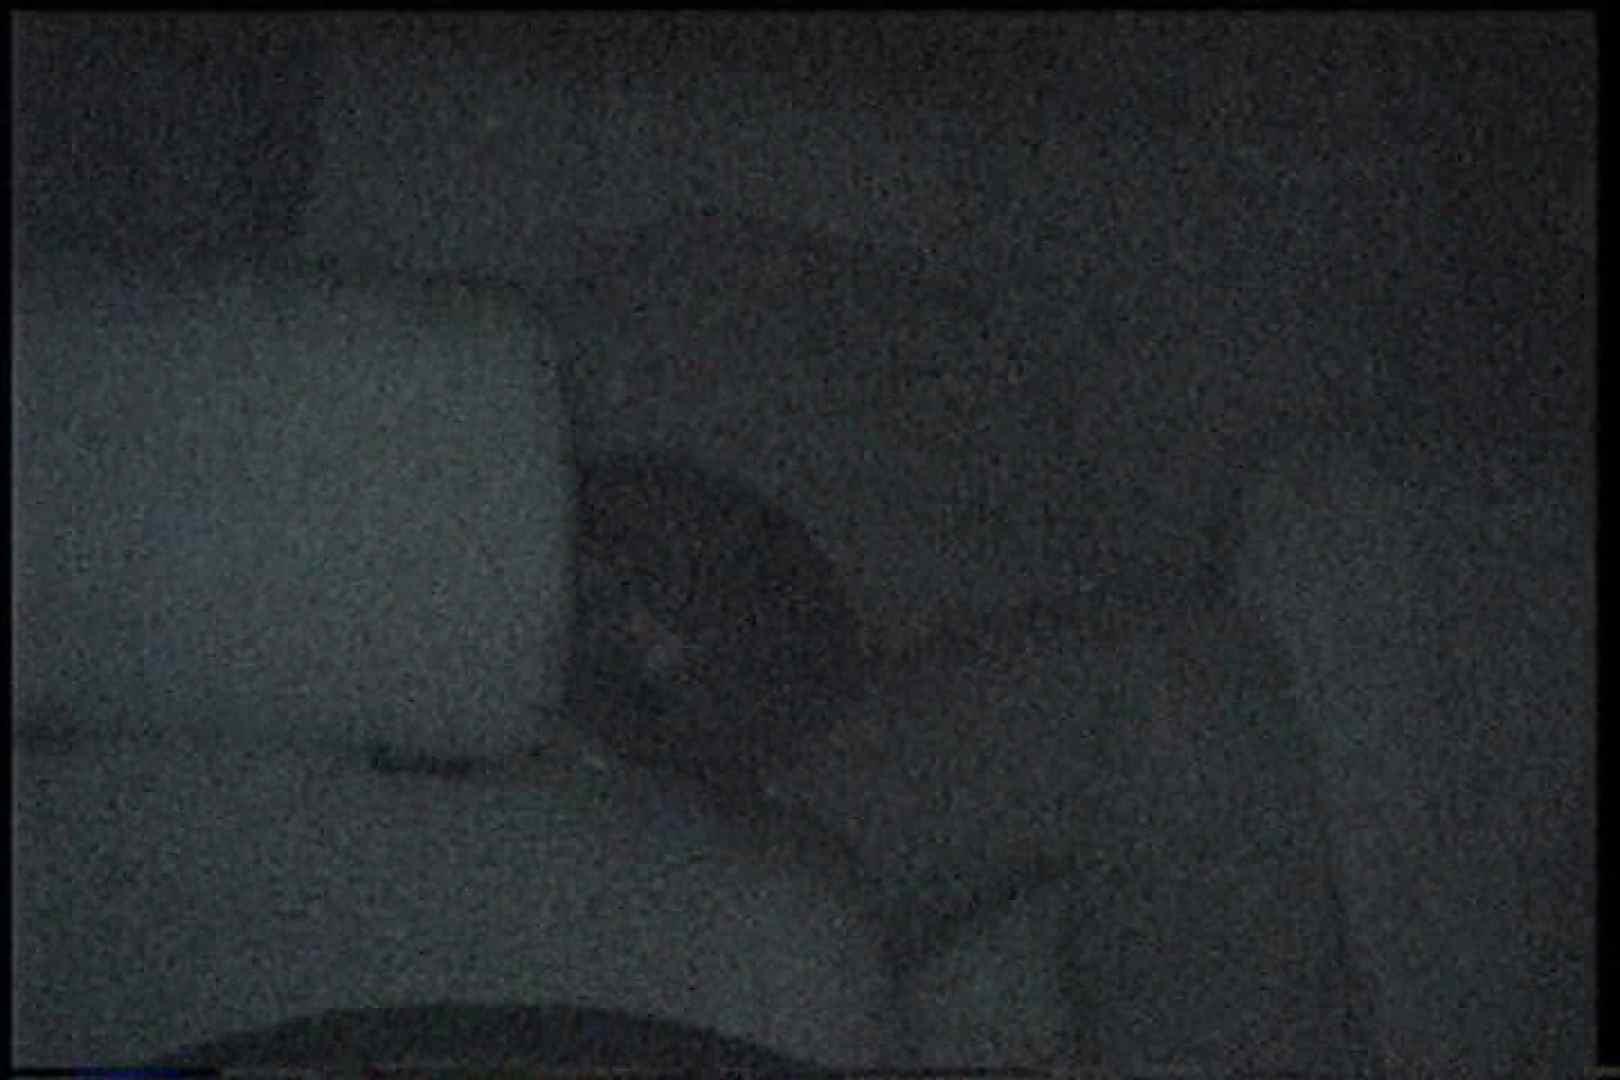 充血監督の深夜の運動会Vol.181 エロティックなOL 女性器鑑賞 79画像 26